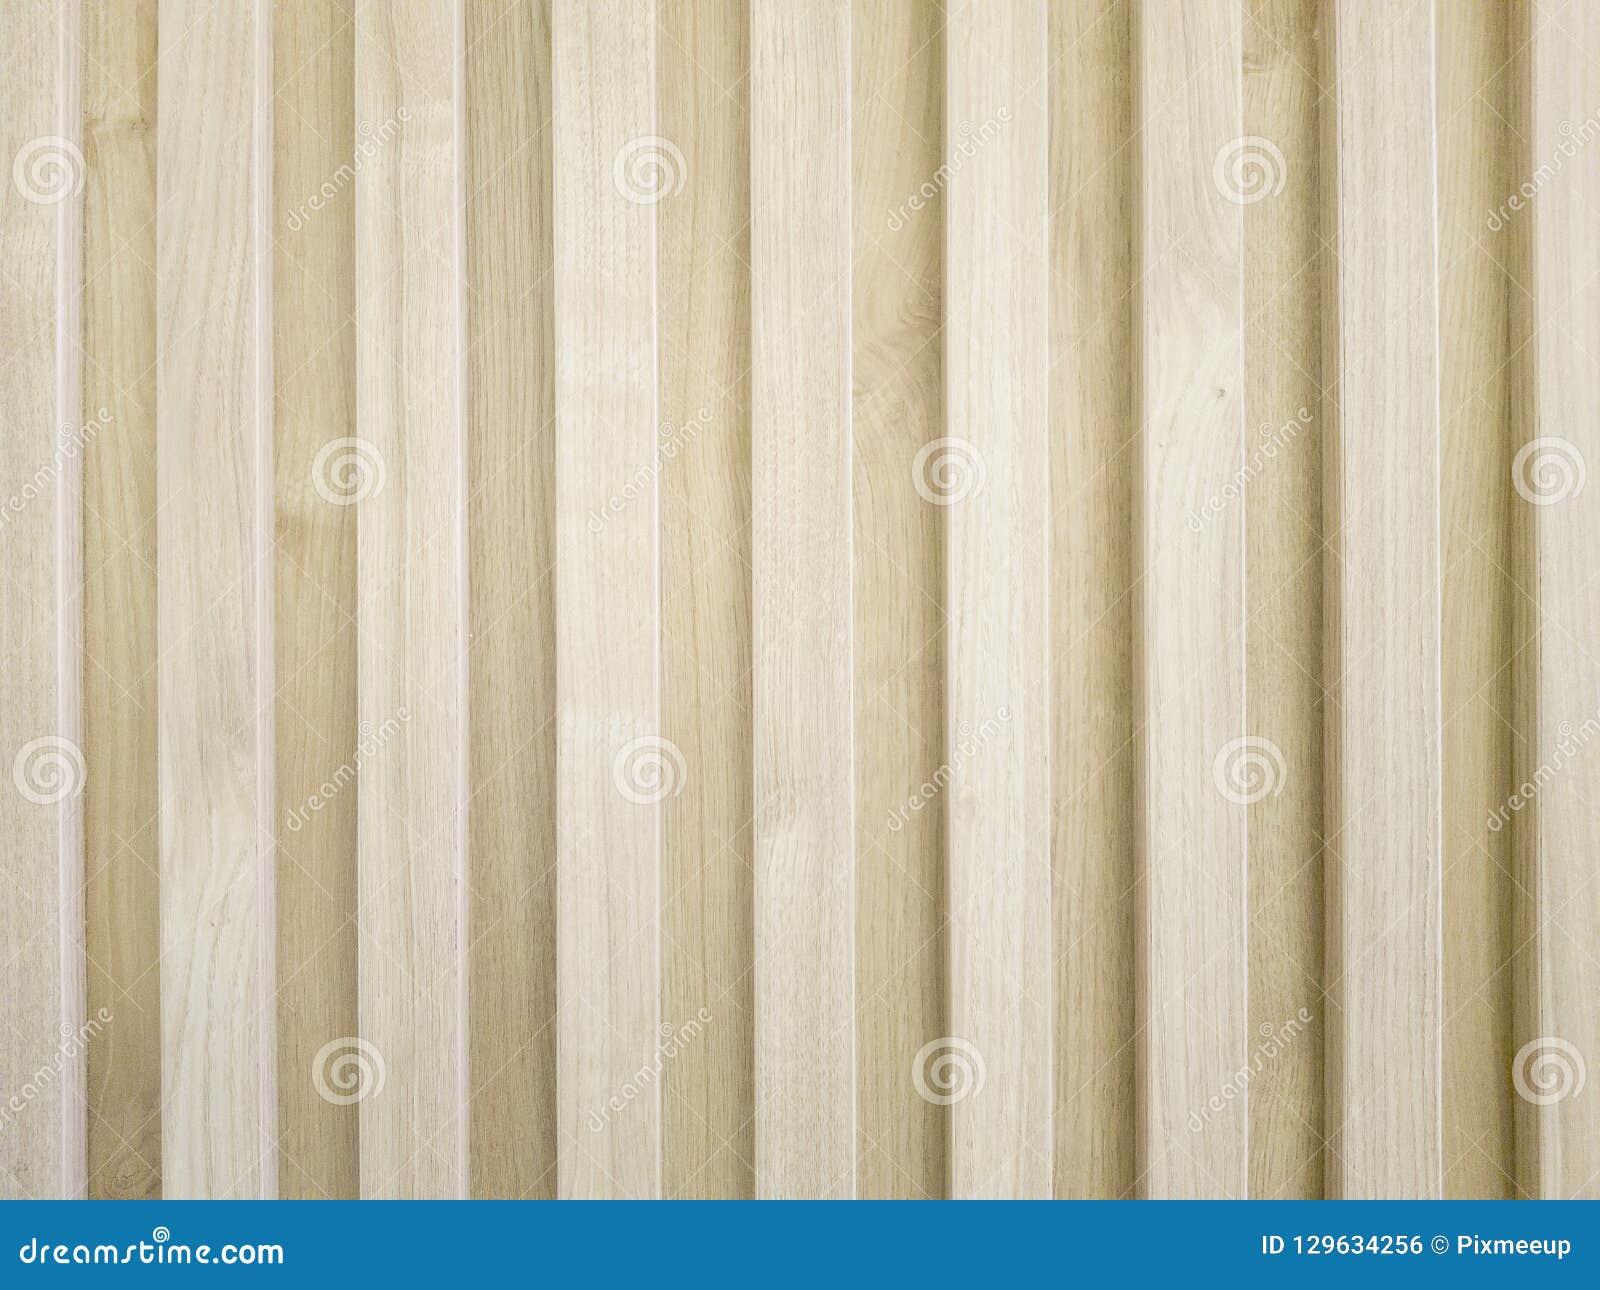 Drewniana lath ściany dekoracja robić stałym drewnem, pionowo deseniowy projekt